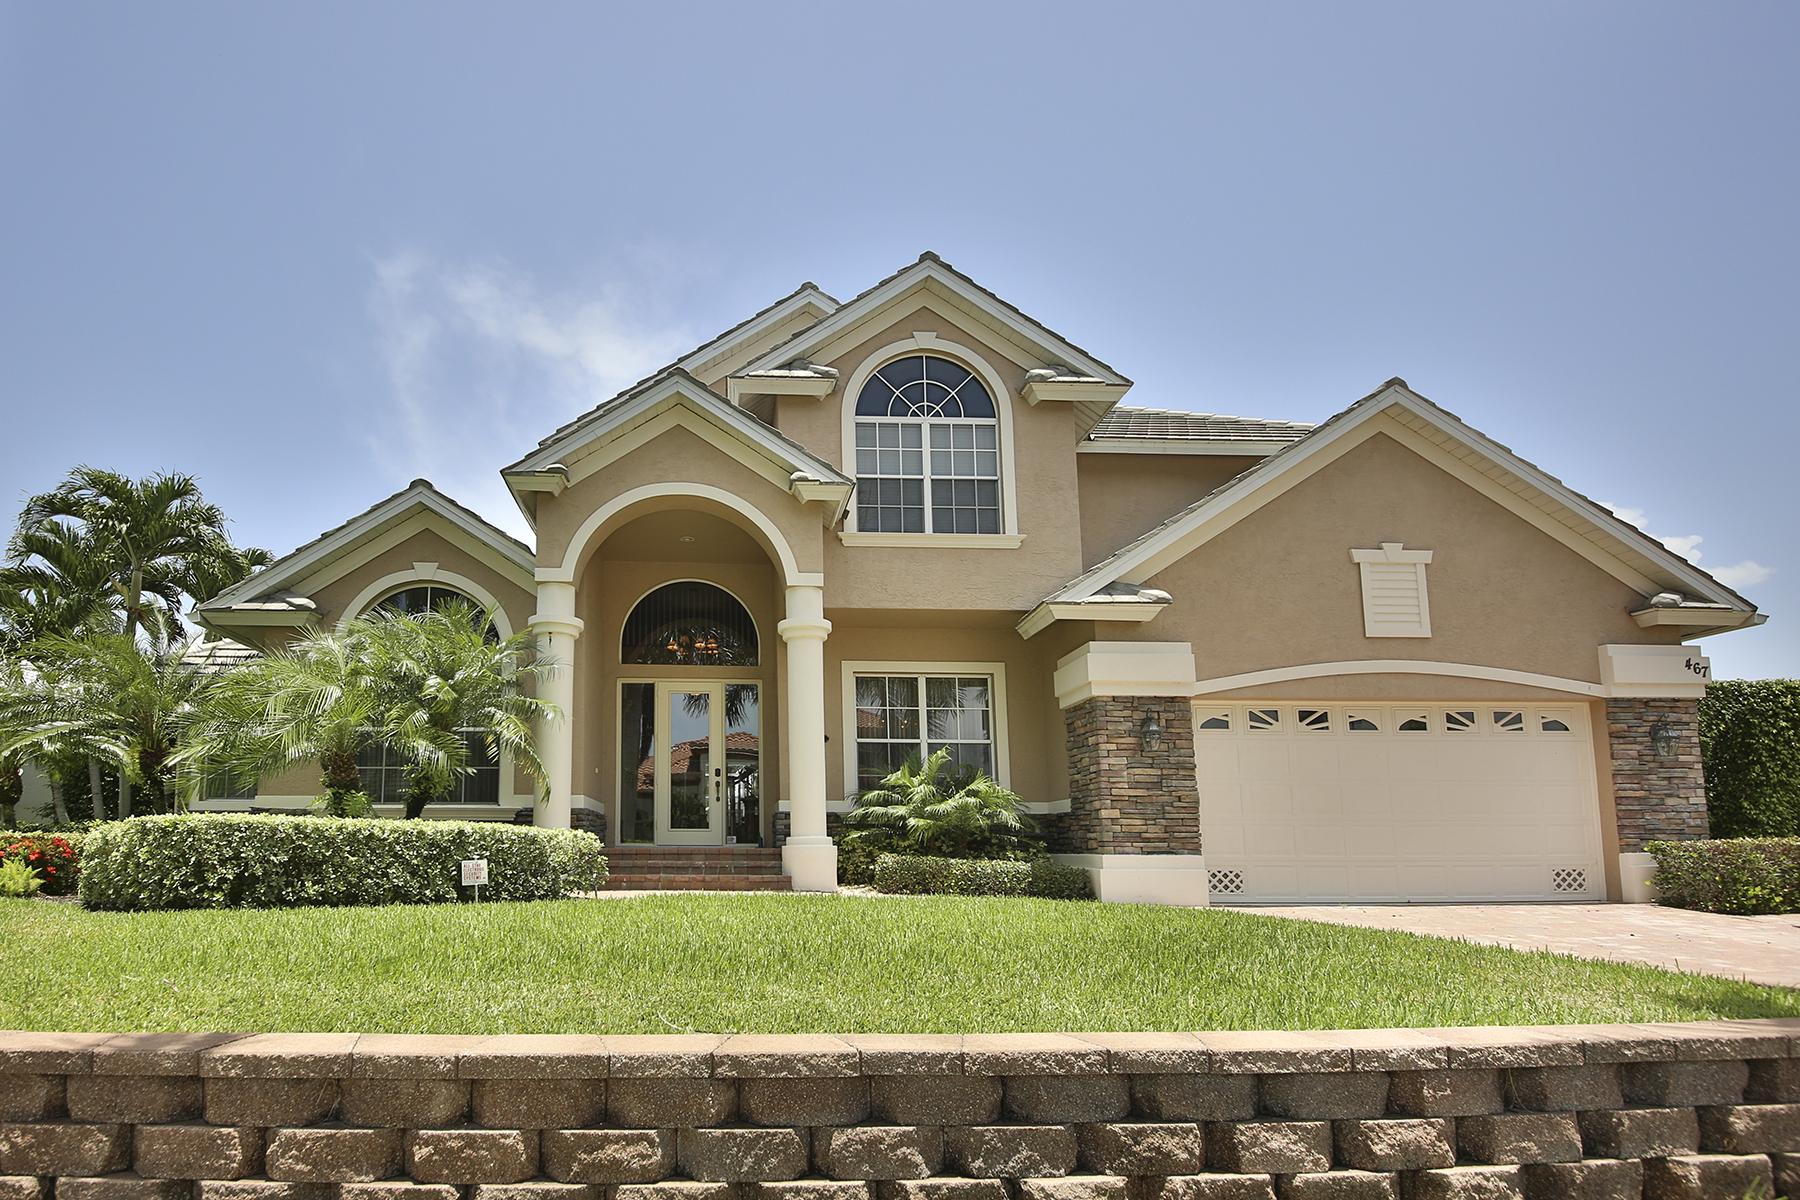 獨棟家庭住宅 為 出售 在 MARCO ISLAND - JOY CIRCLE 467 W Joy Cir Marco Island, 佛羅里達州 34145 美國